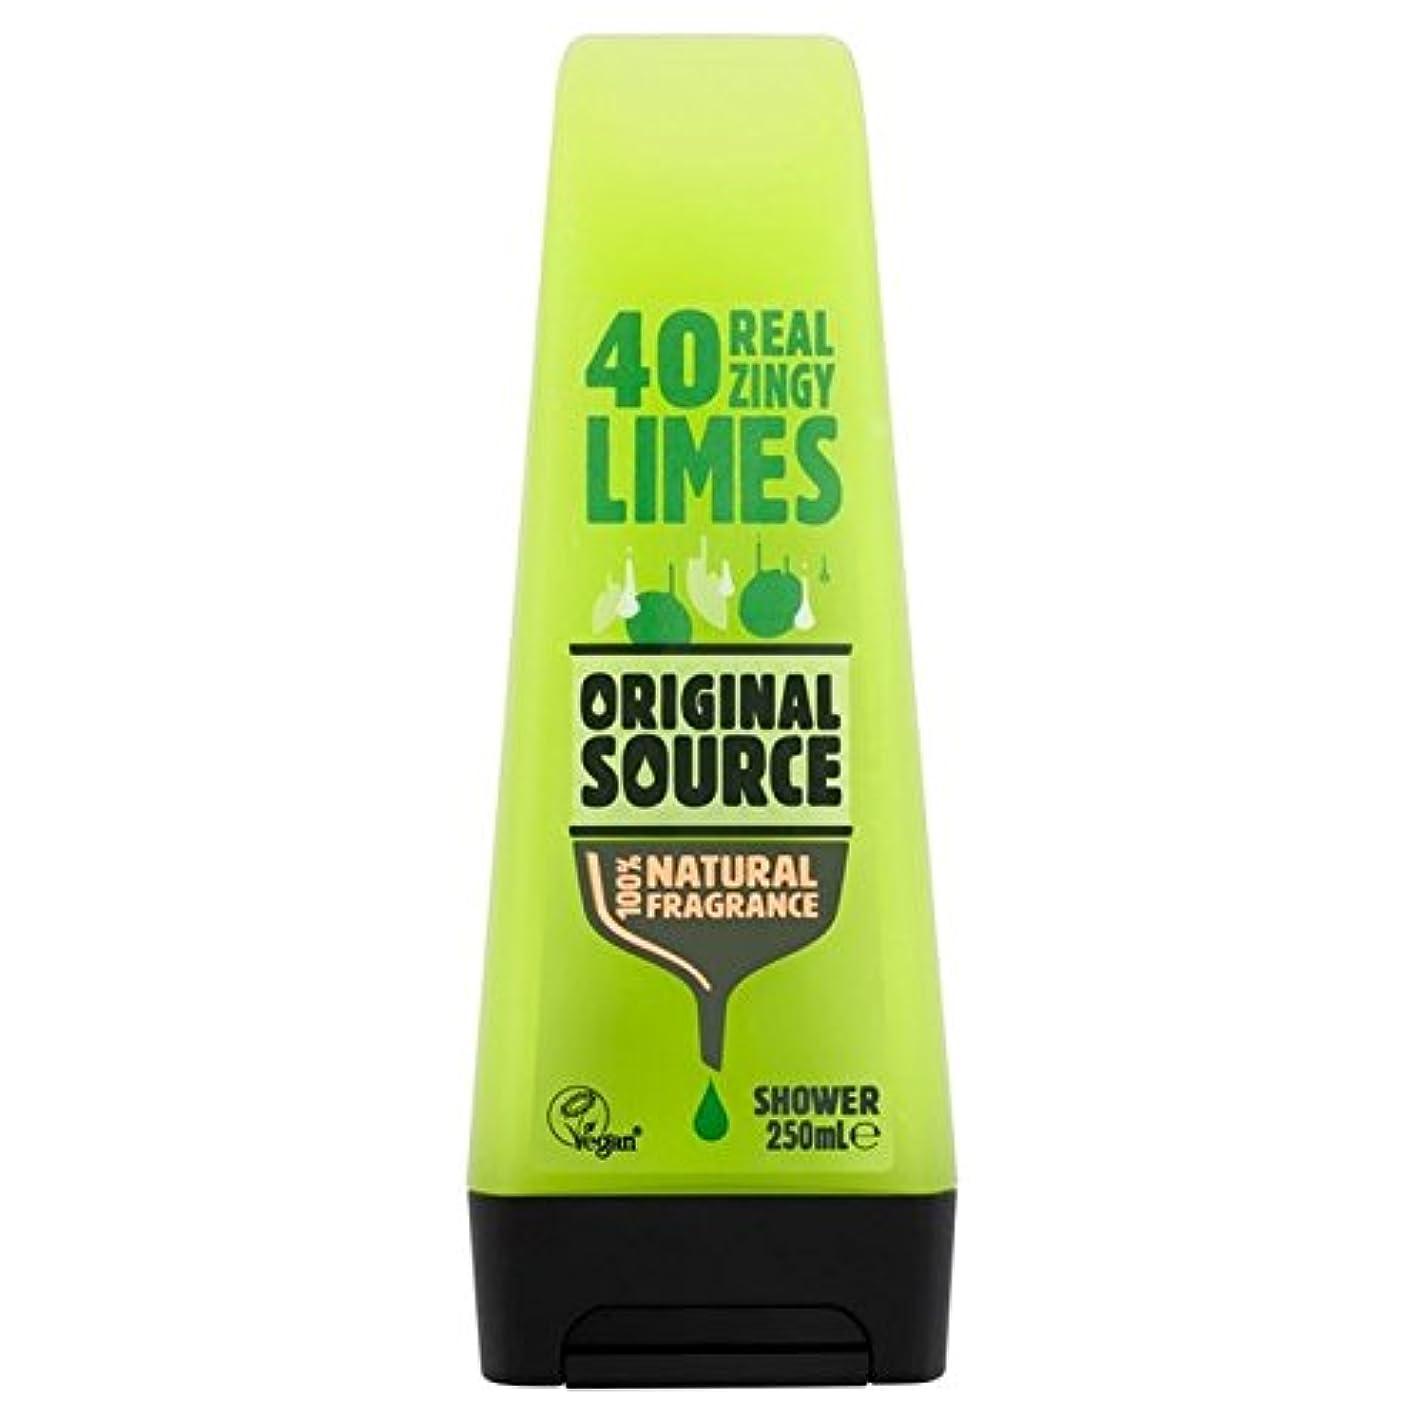 モディッシュ行うゴミOriginal Source Lime Shower Gel 250ml - 元のソースライムシャワージェル250ミリリットル [並行輸入品]